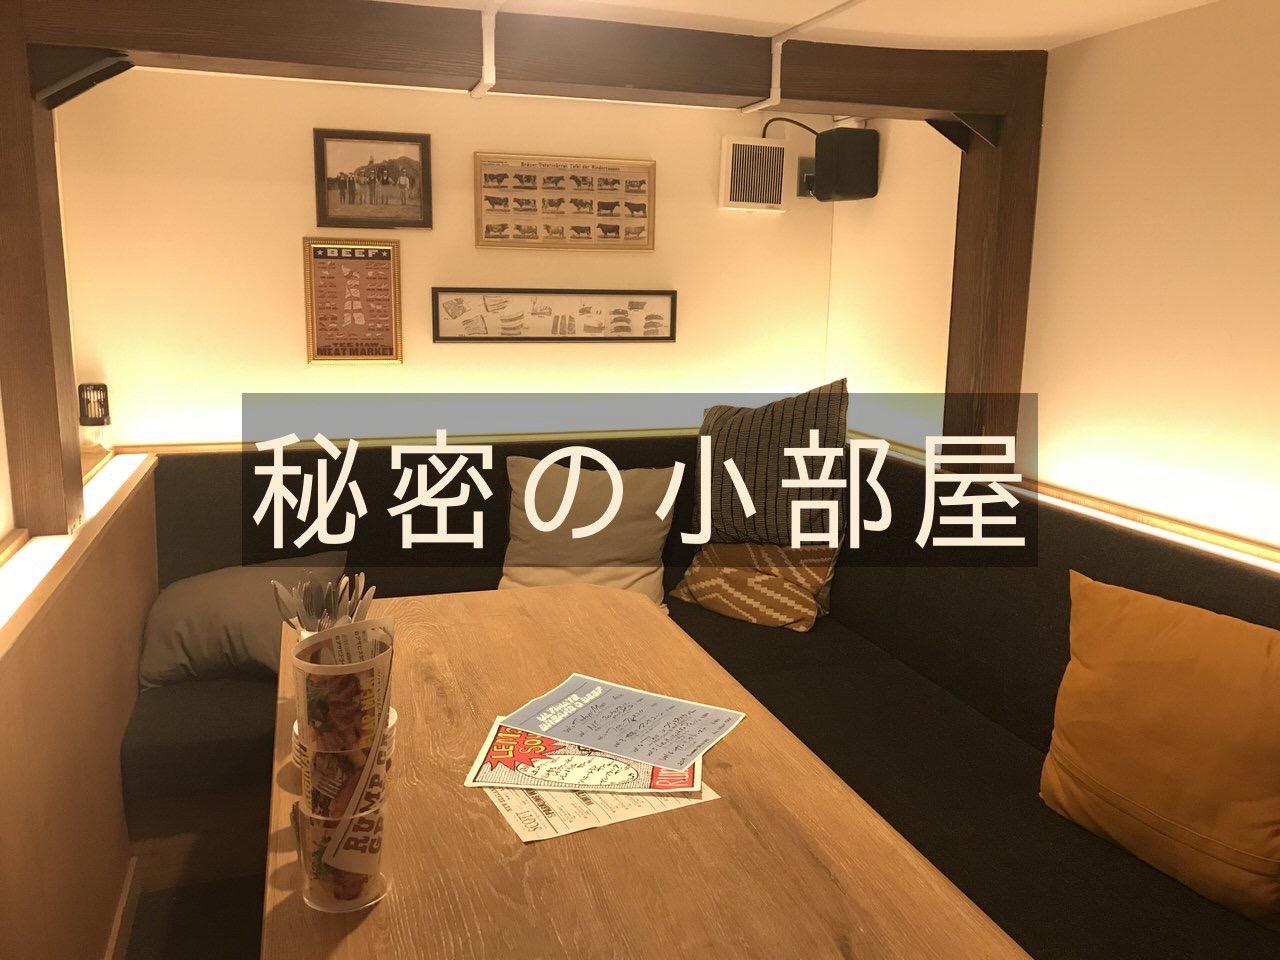 「ランプキャップ渋谷店」こぢんまりとしたお祝いに秘密の小部屋がオススメ